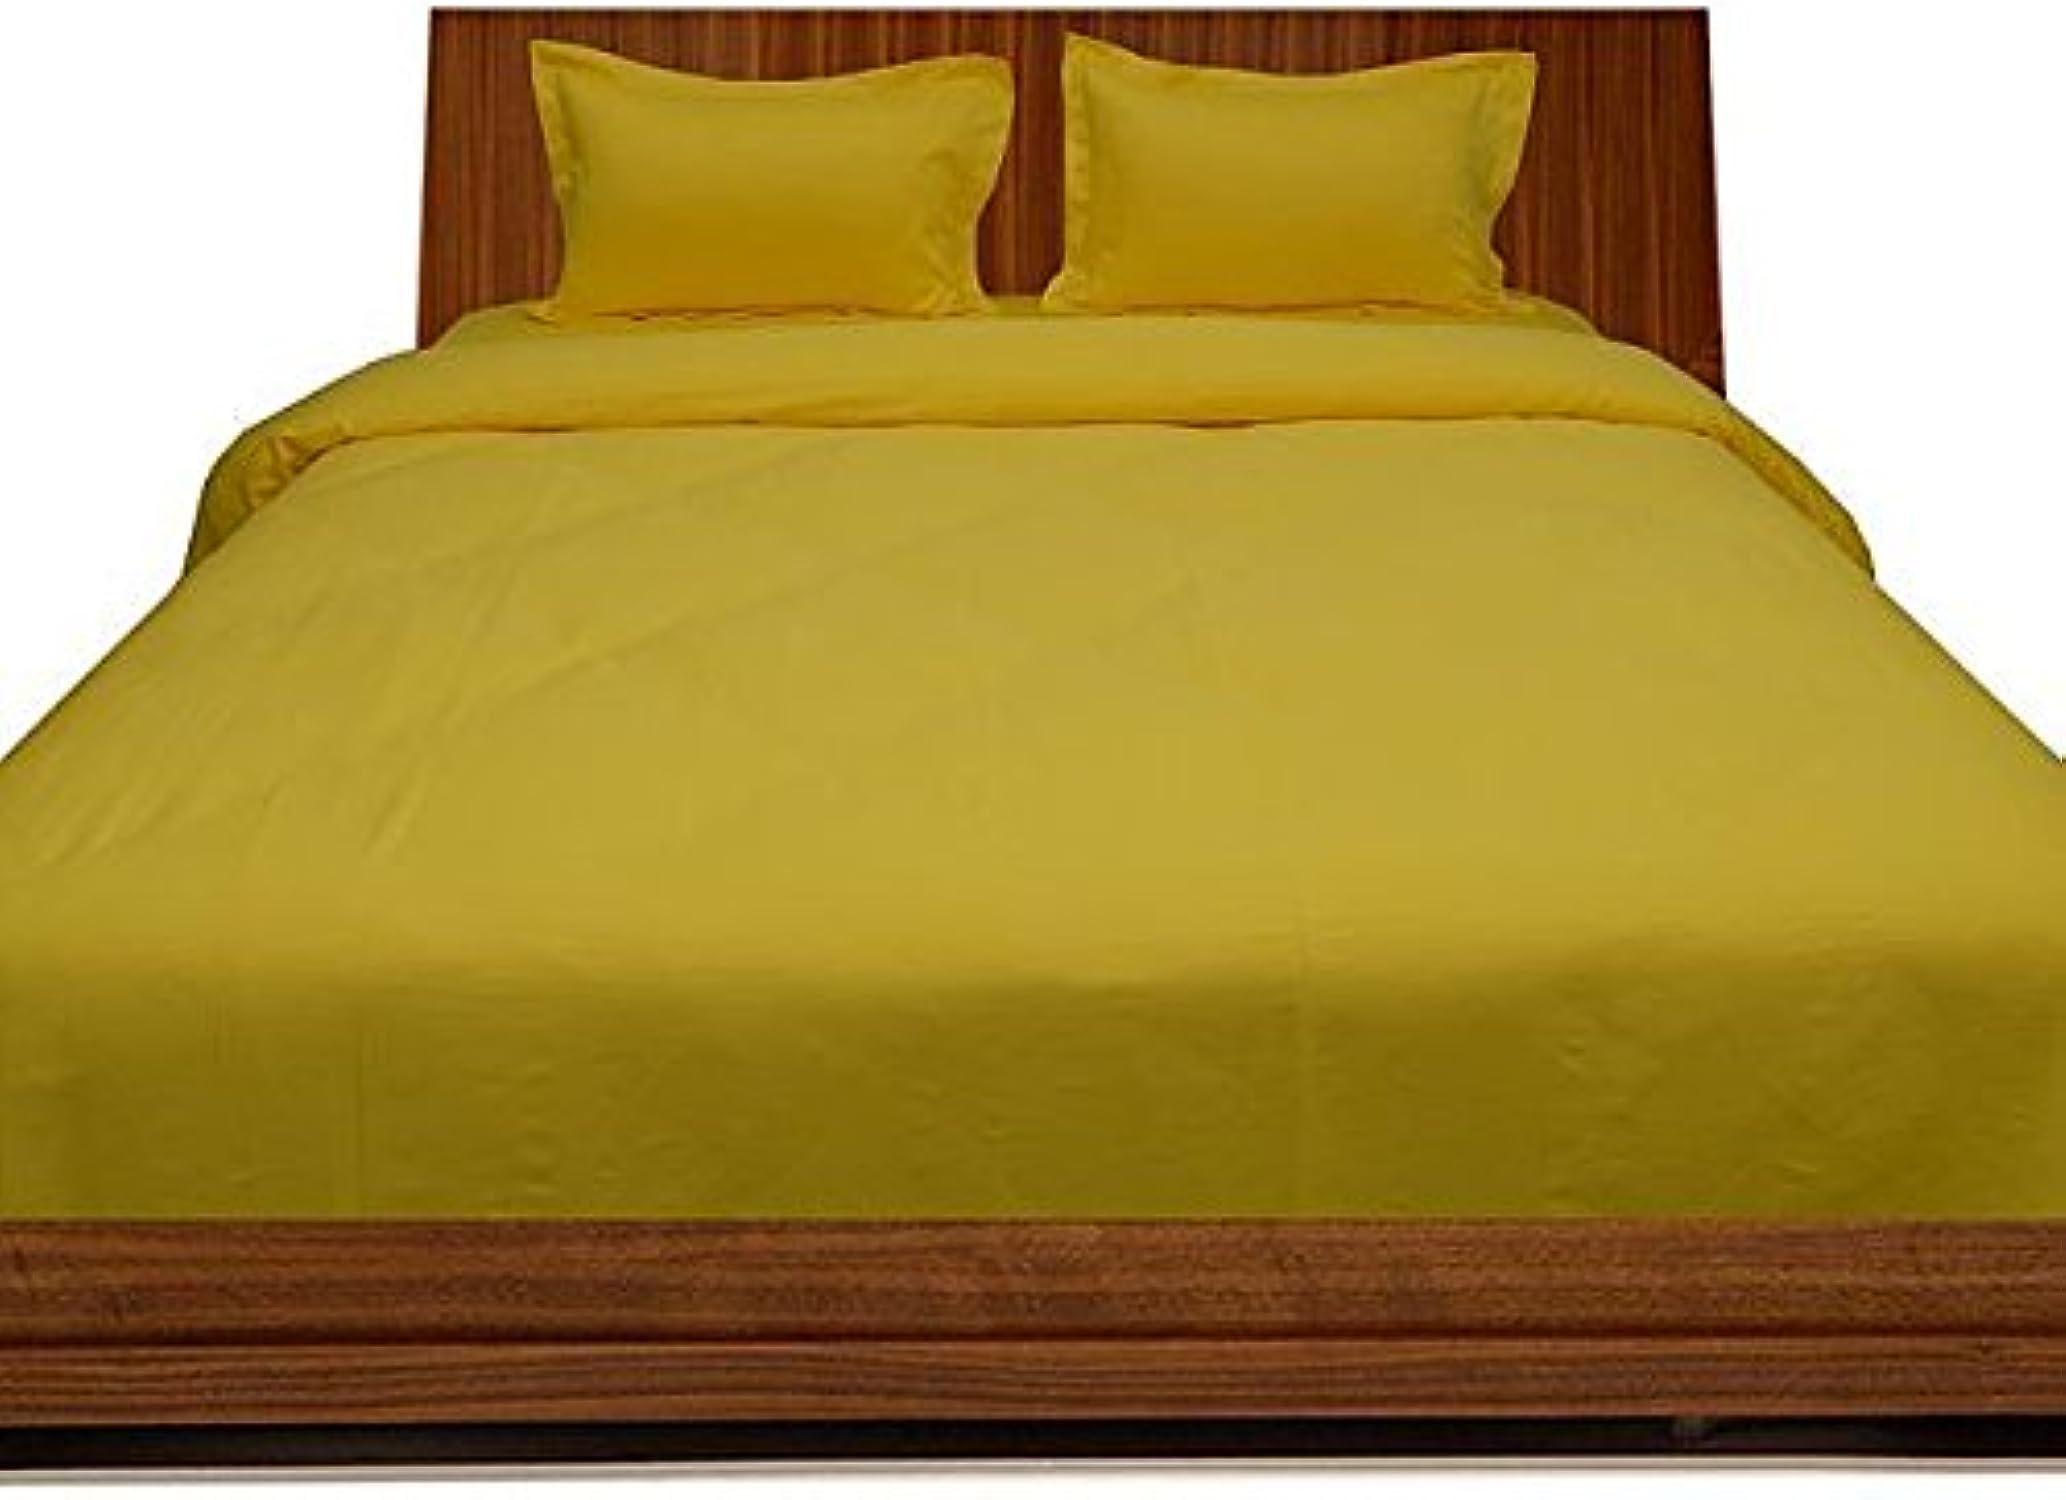 Linge de lit en coton égypcravaten 350 fils Pocket Sheet enfoncés 26 cm avec une taie d'oreiller-Simple - 100%  coton-Jaune solide 350TC